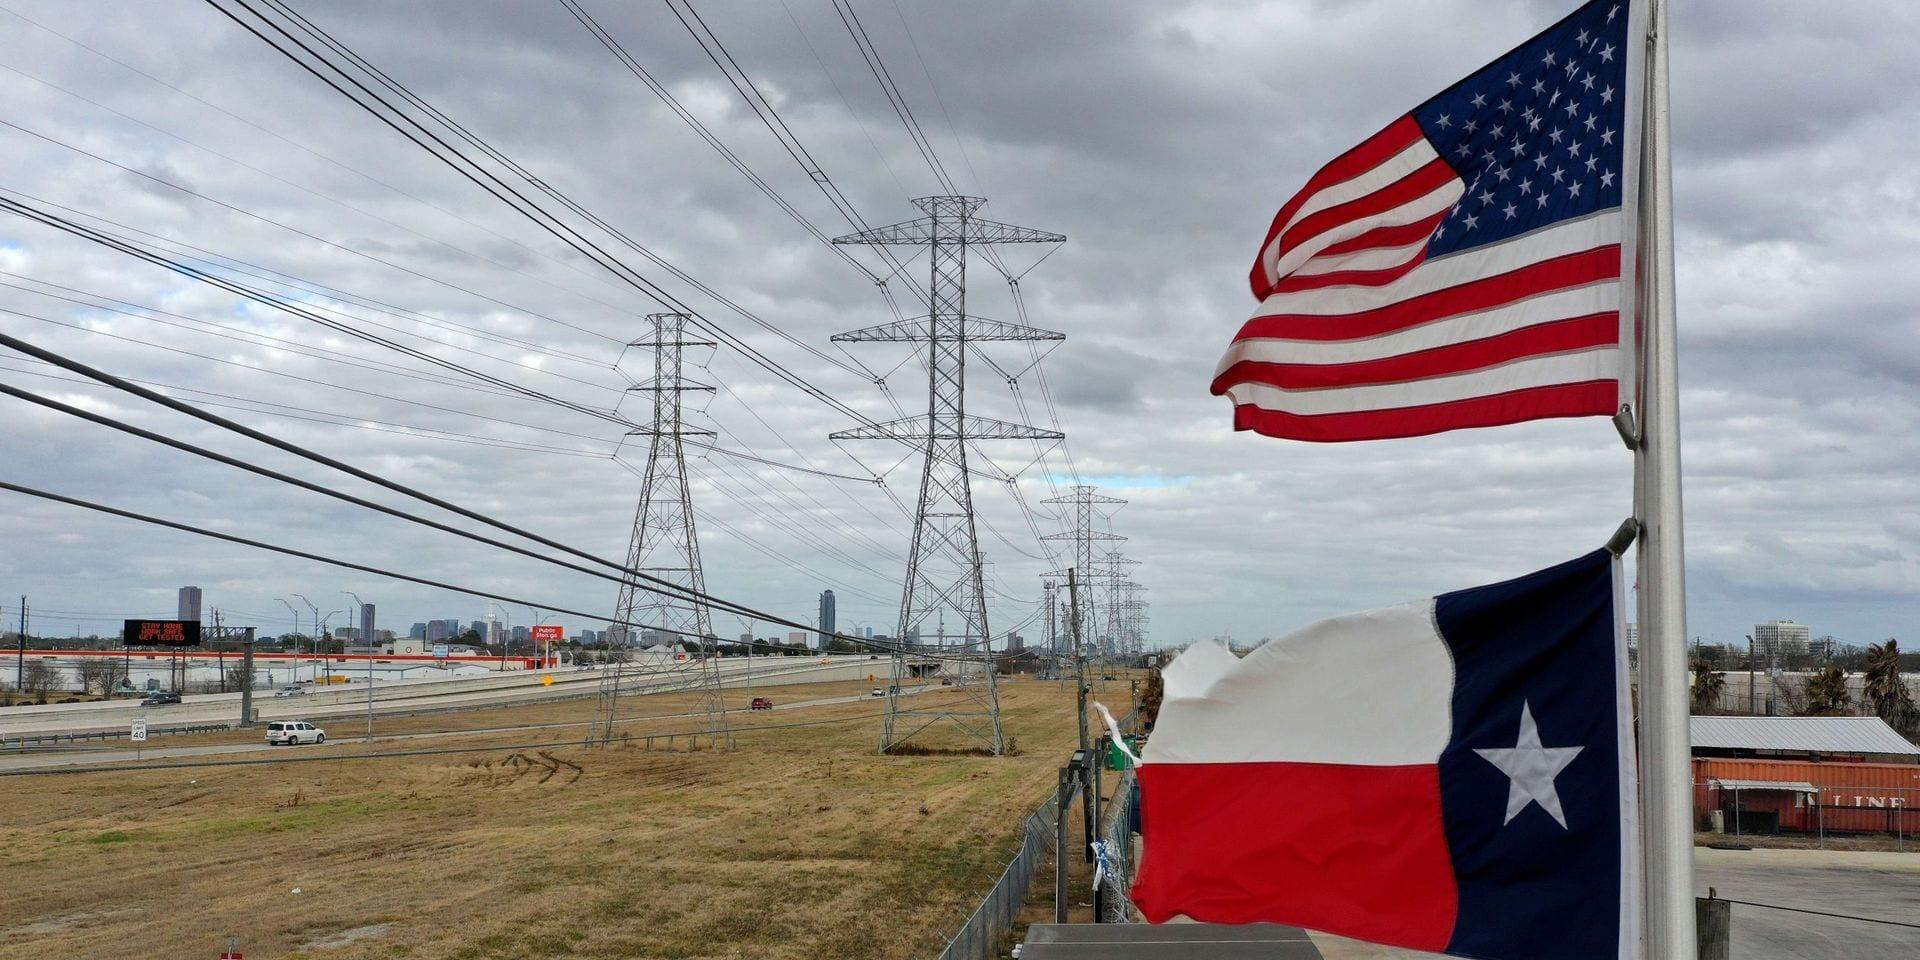 Froid au Texas: après les plombs, les responsables sautent